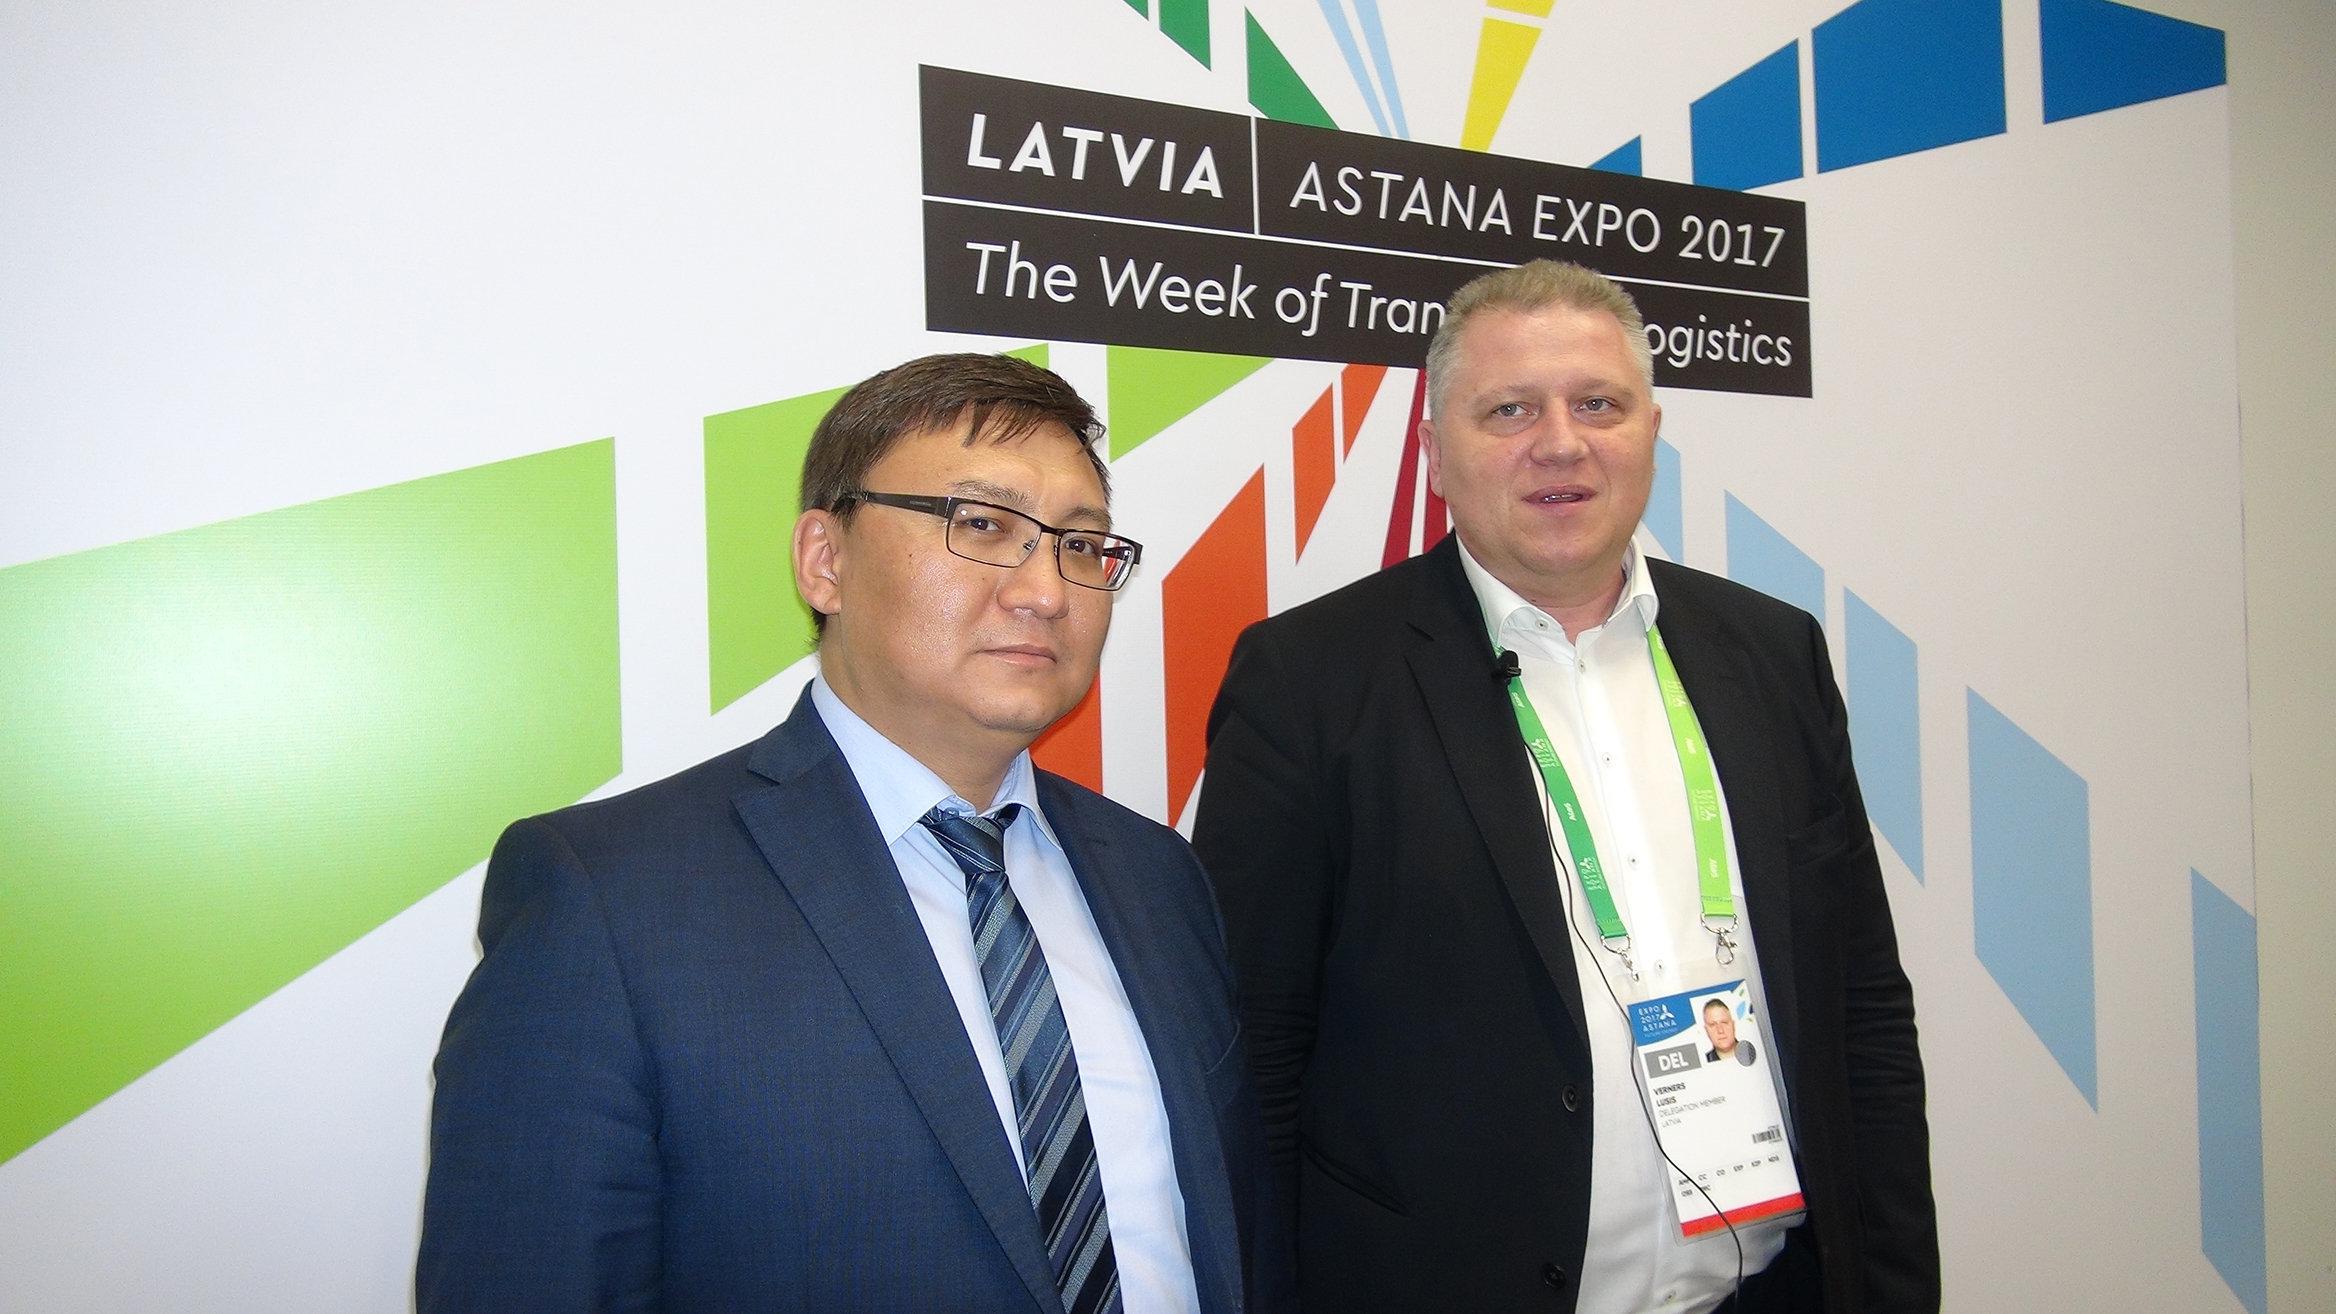 Директор департамента контейнерных перевозок KTZ Express Алмат Каримов и председатель правления LDz Logistika Вернерс Лусис